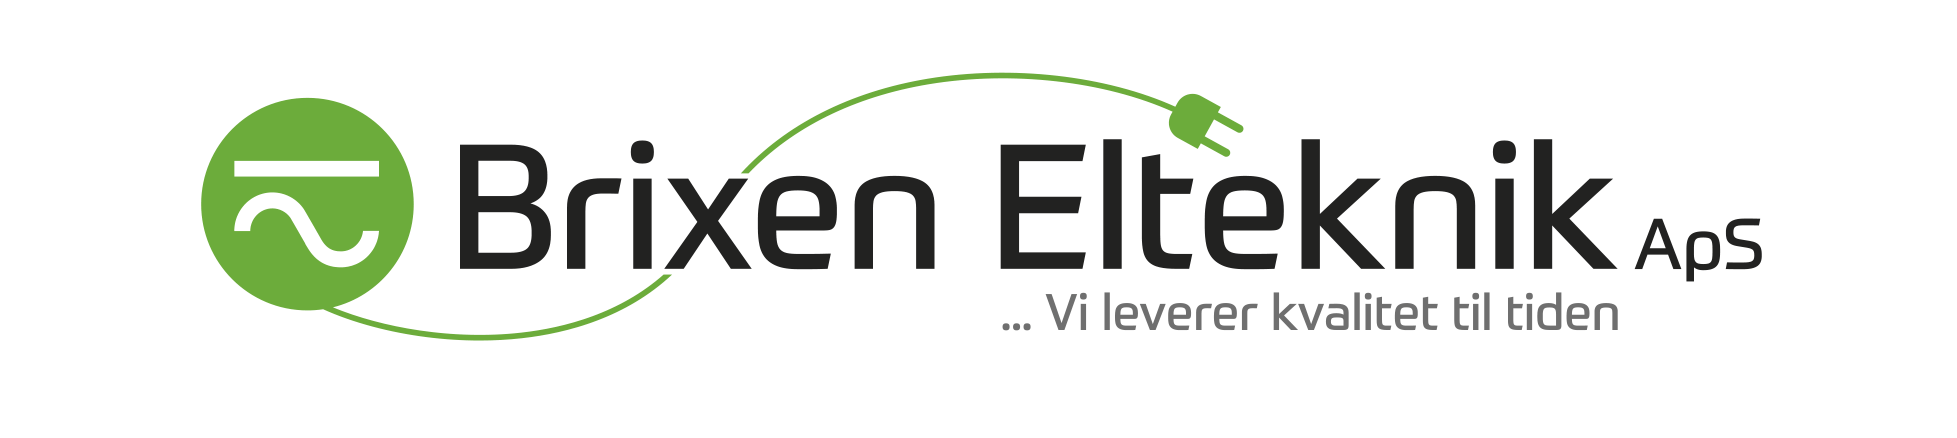 Brixen Elteknik ApS